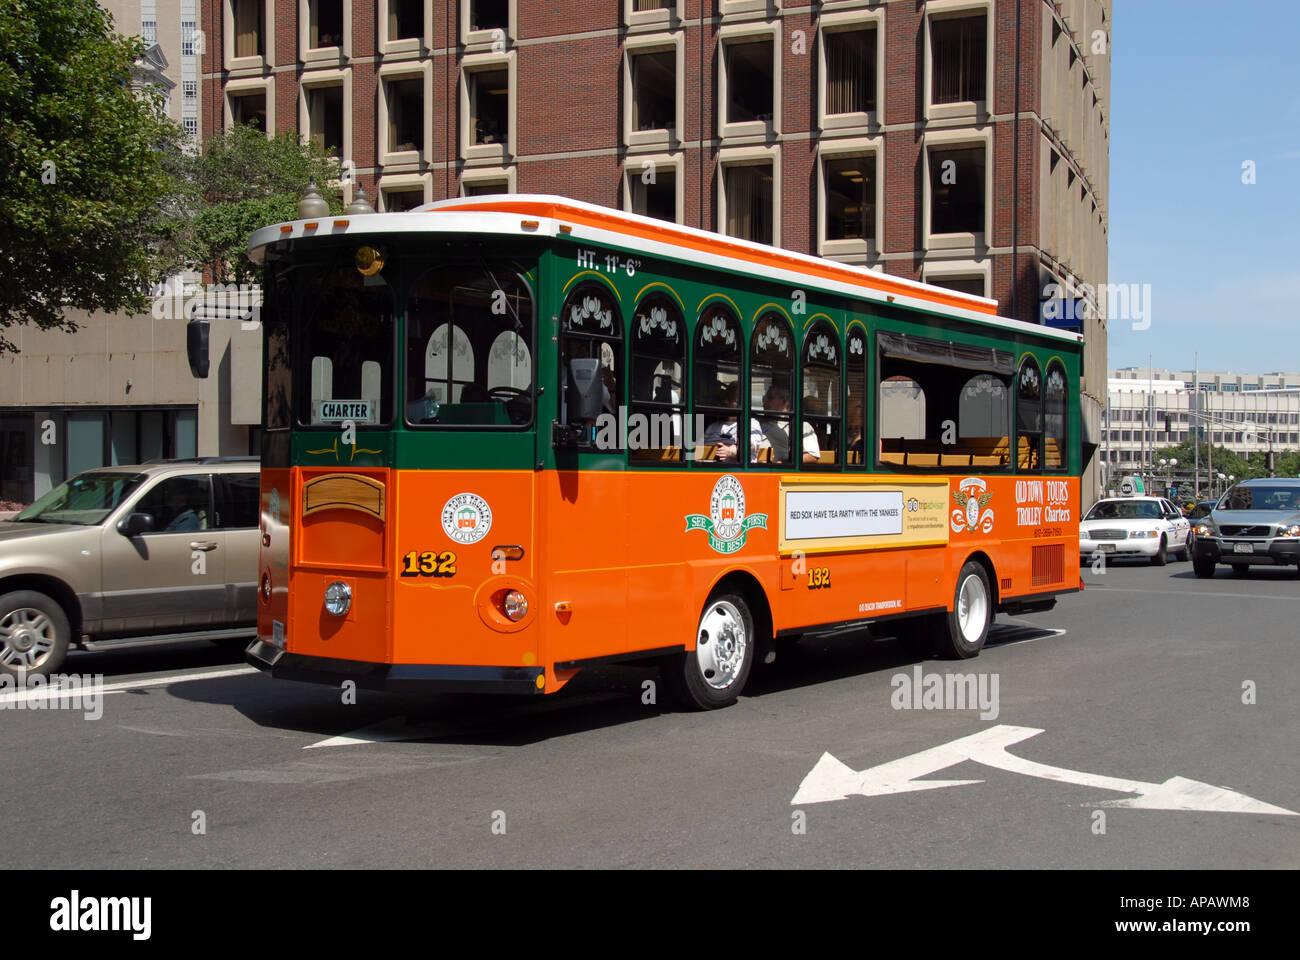 Boston Tourist Trolley Stock Photo Royalty Free Image 8989959